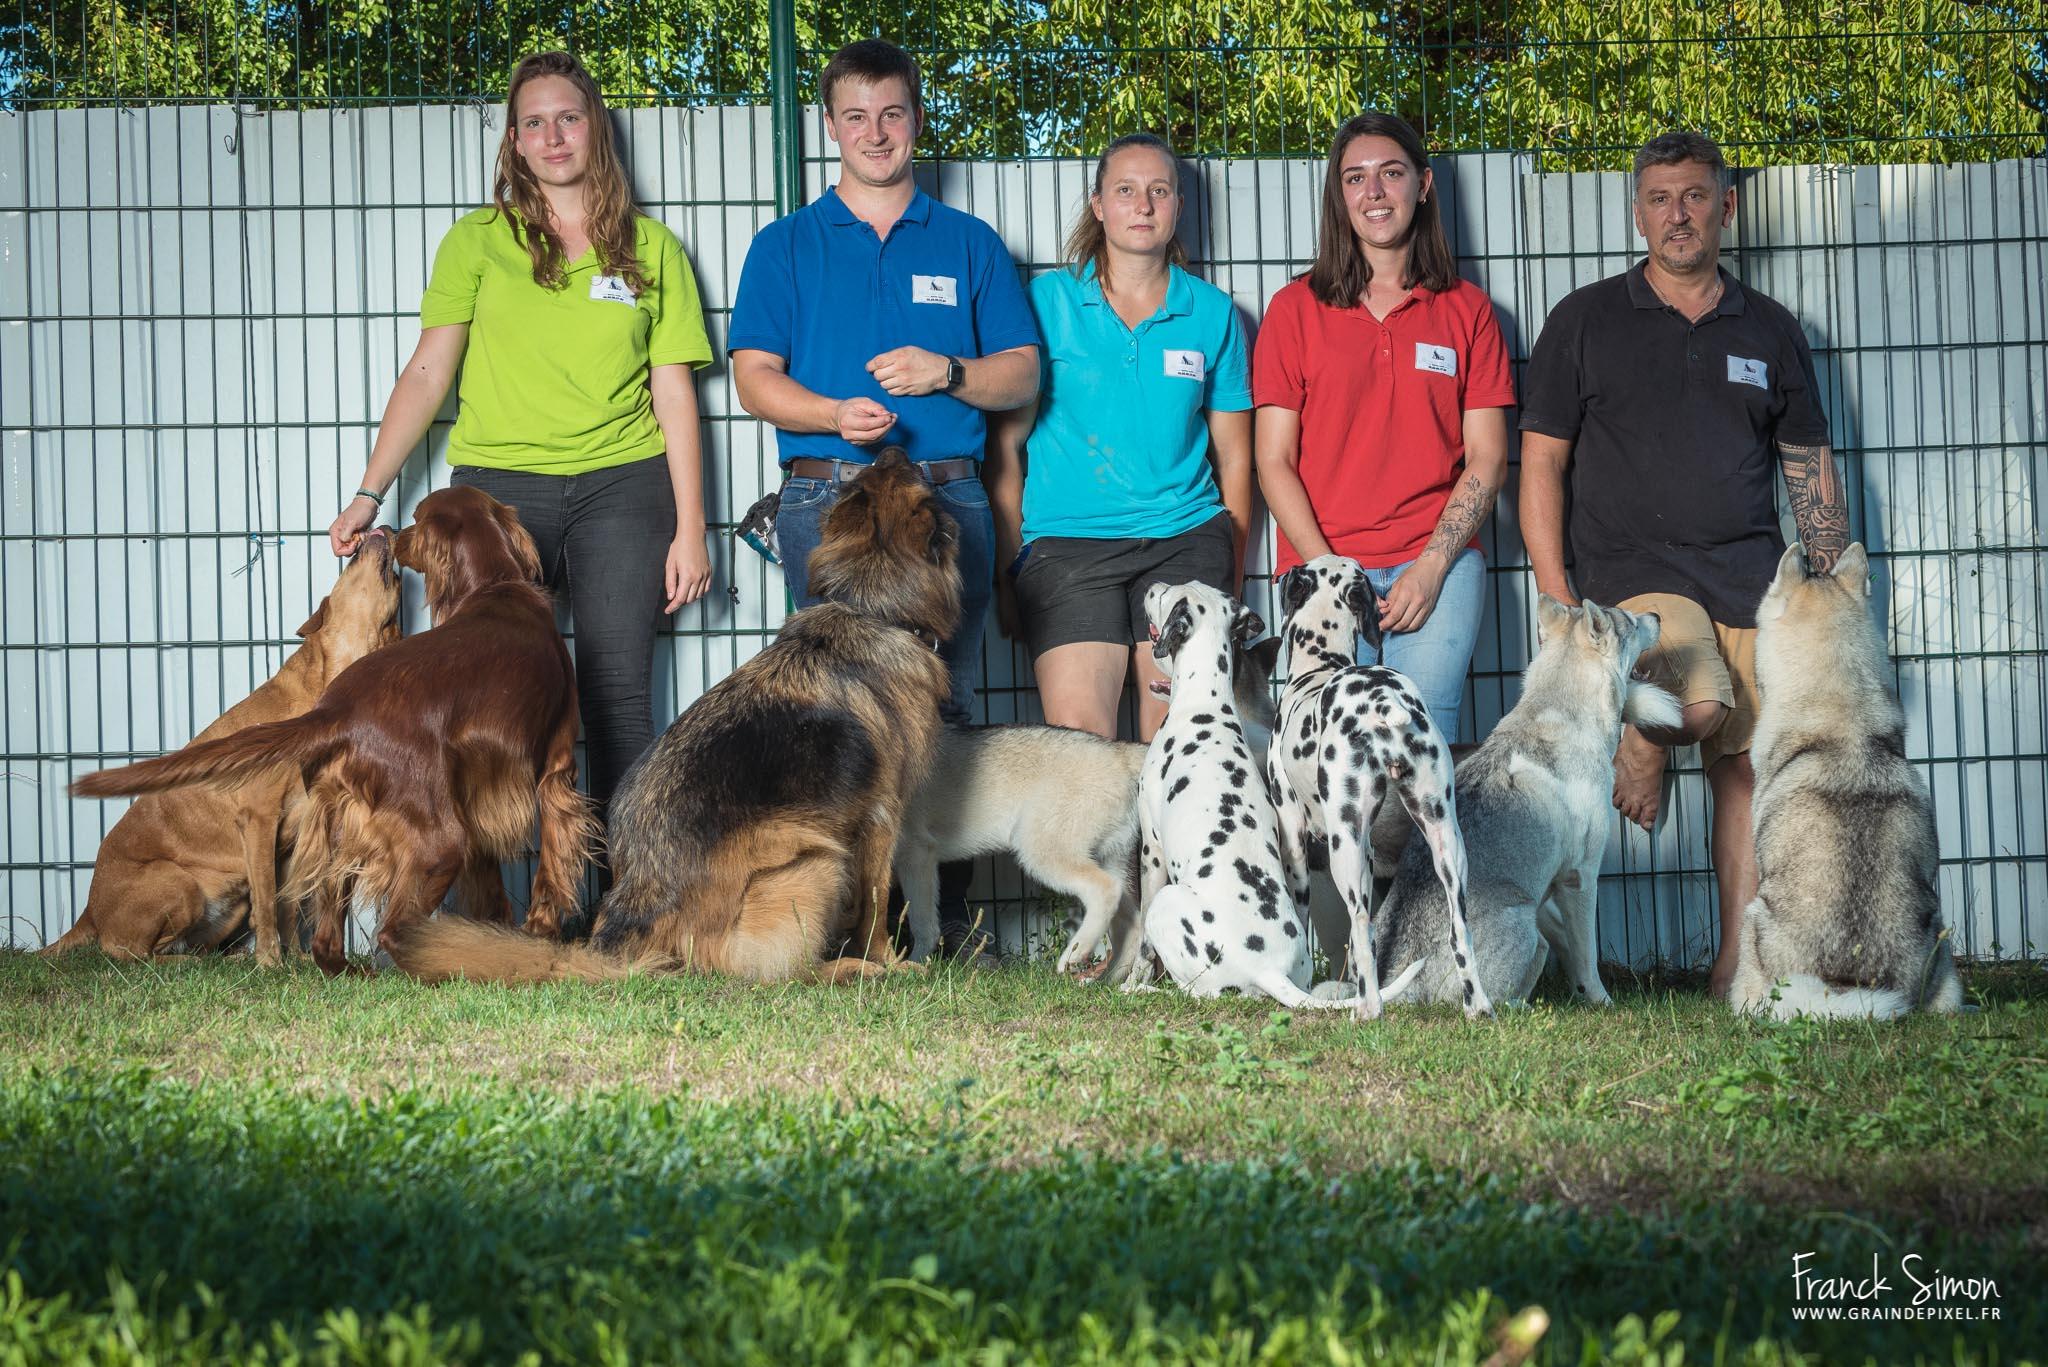 Au coeur des chiens : des éducateurs canins au top !